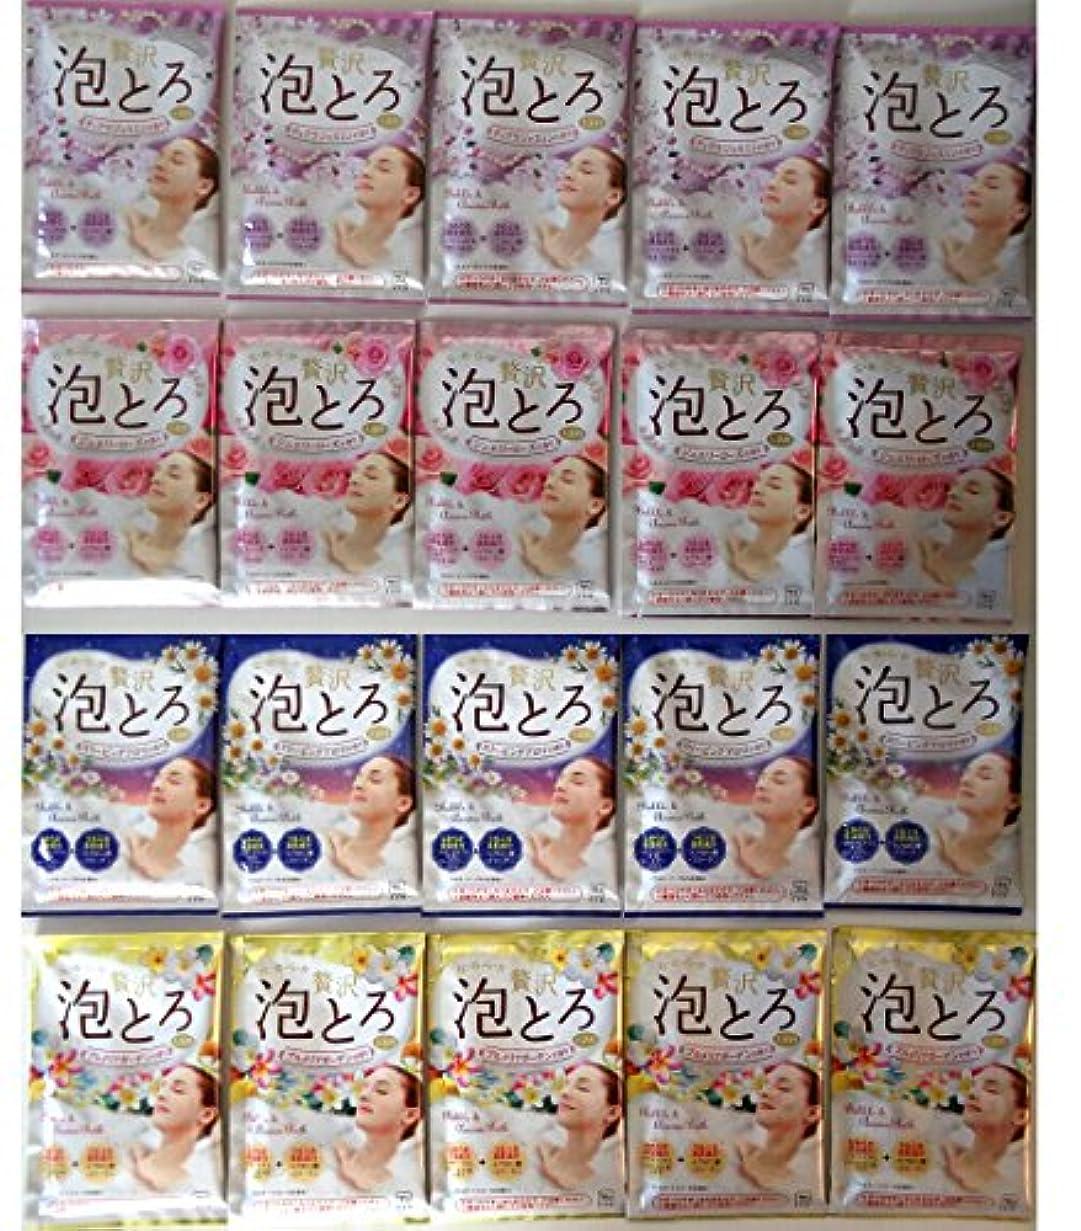 キラウエア山メガロポリス床を掃除するお湯物語 贅沢泡とろ 入浴料 30g x 4種20個セット